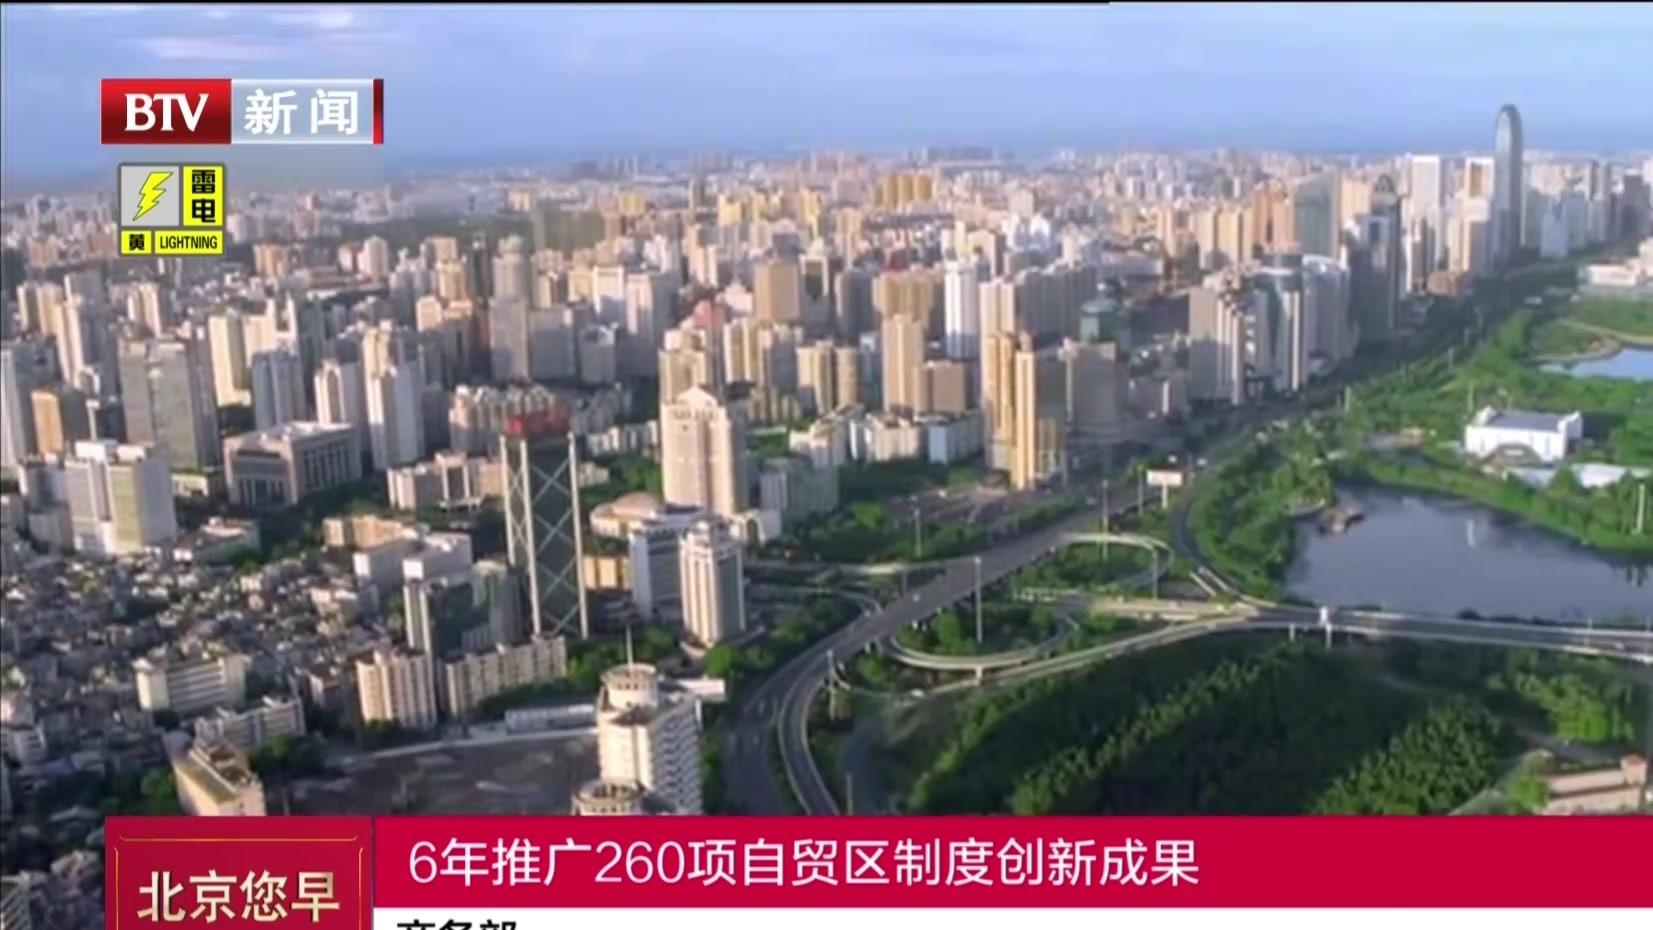 商务部:6年推广260项自贸区制度创新成果